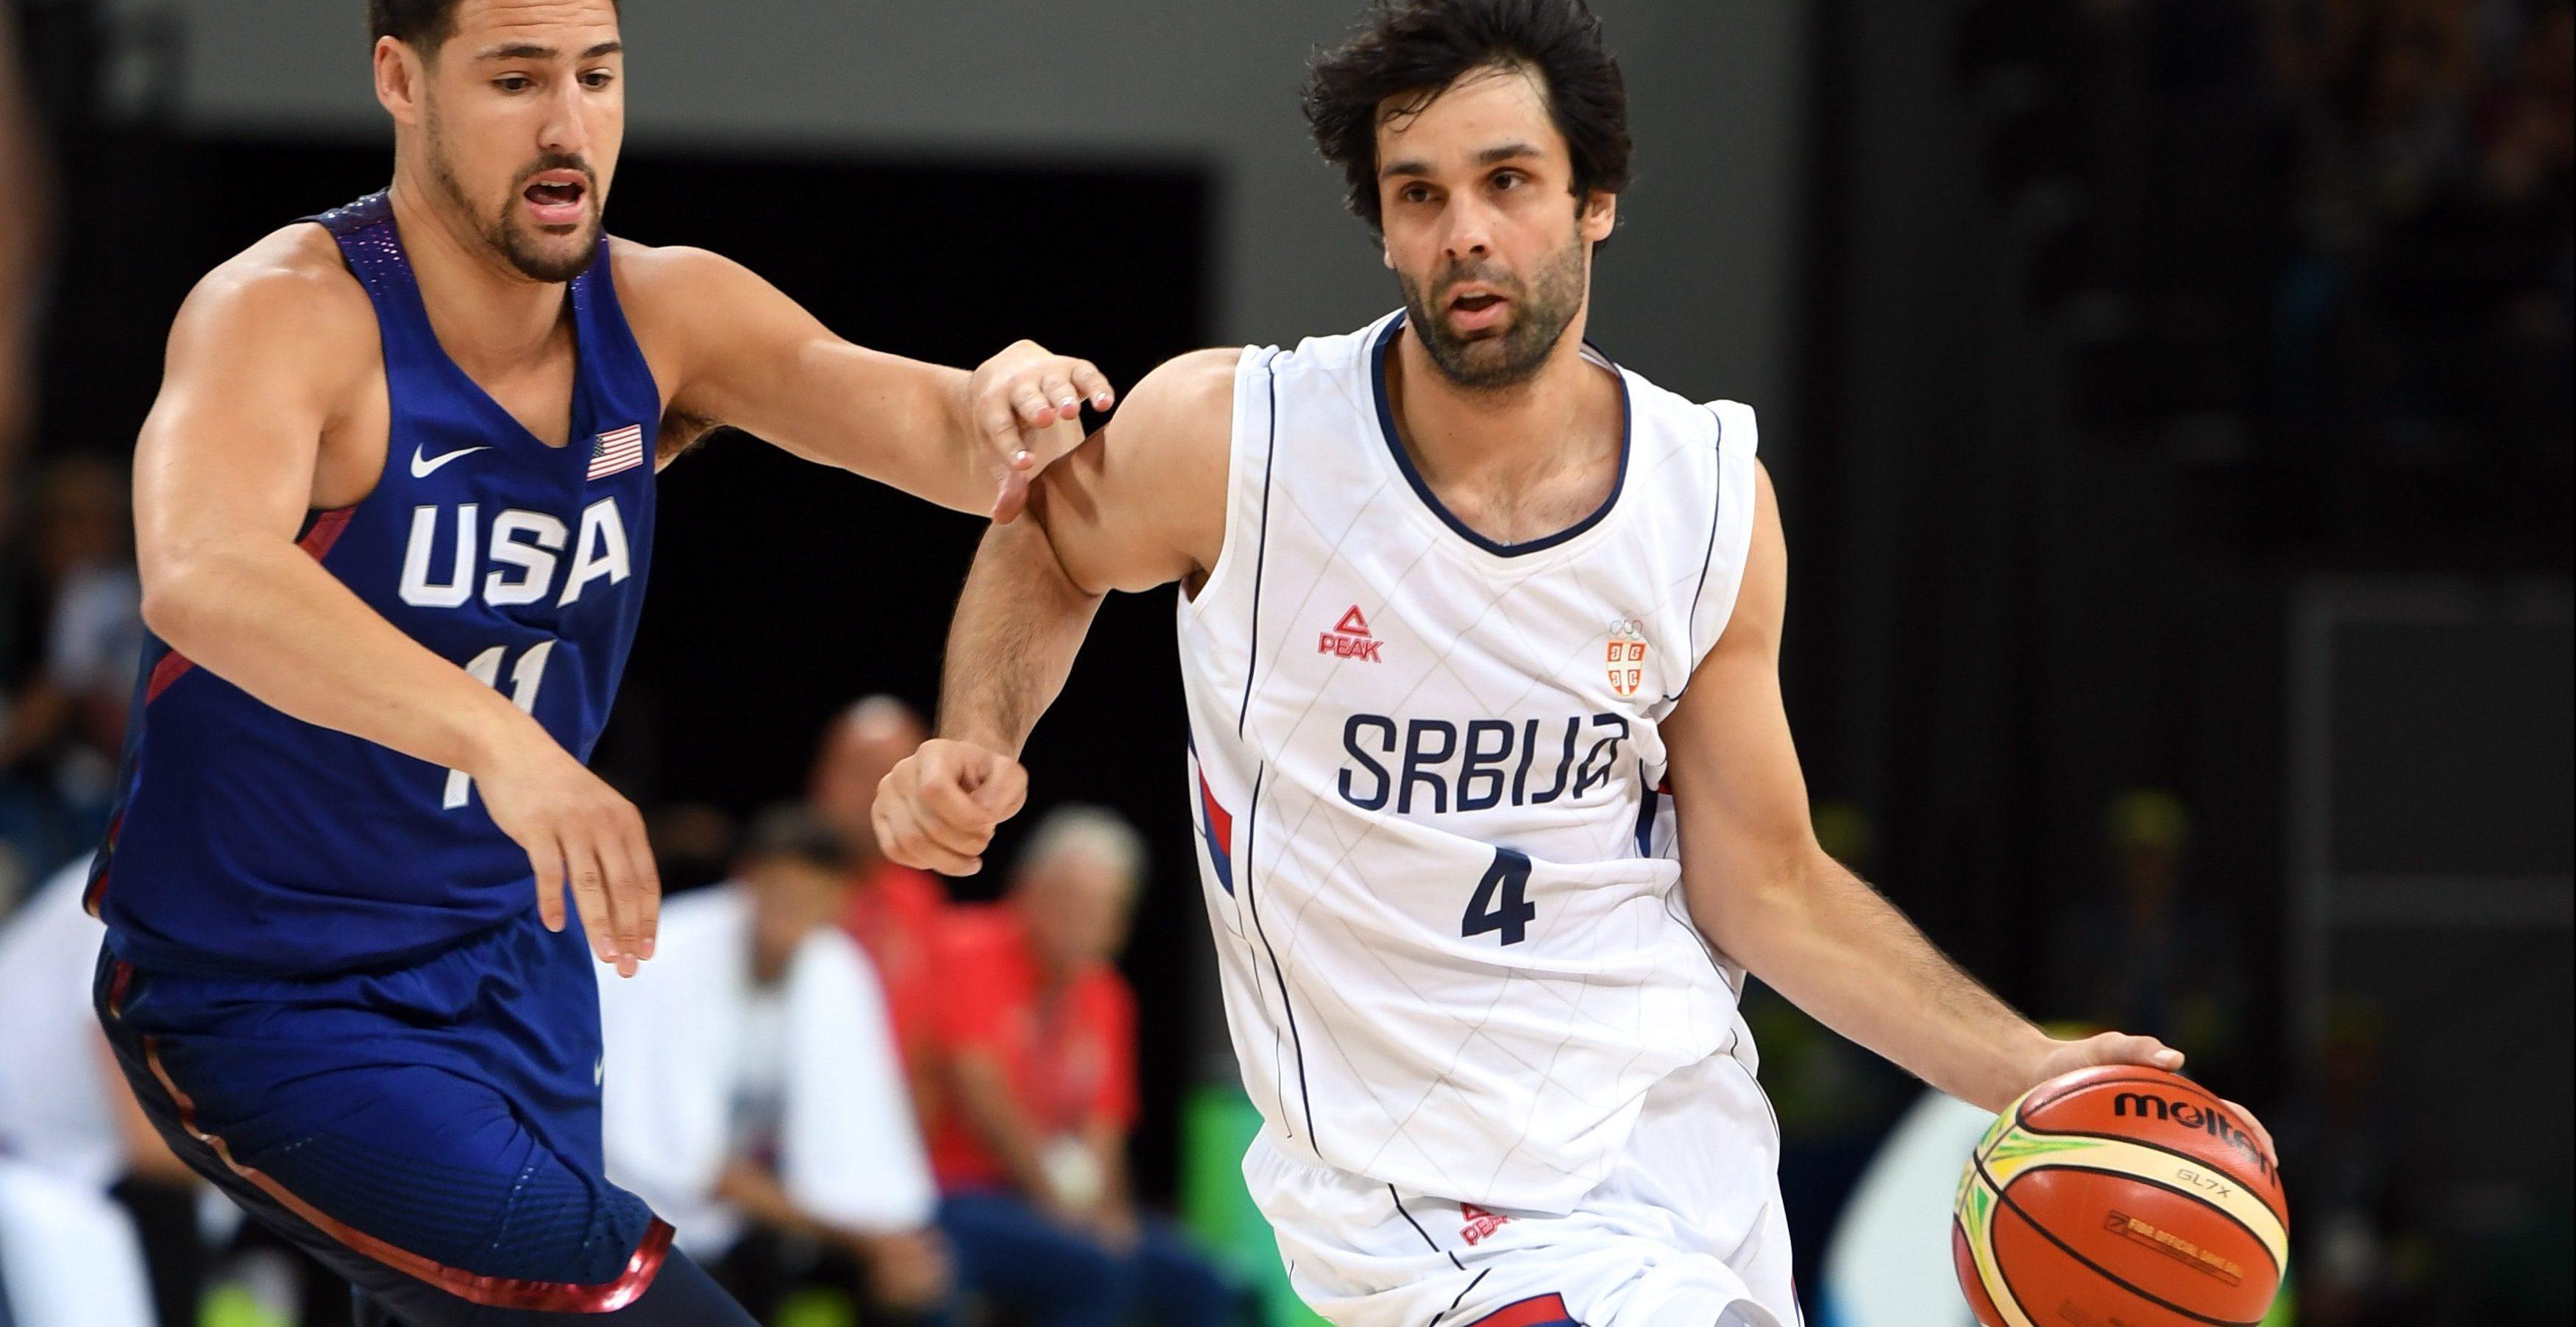 特奥多西奇将为塞尔维亚出战世预赛,本赛季不签约任何球队